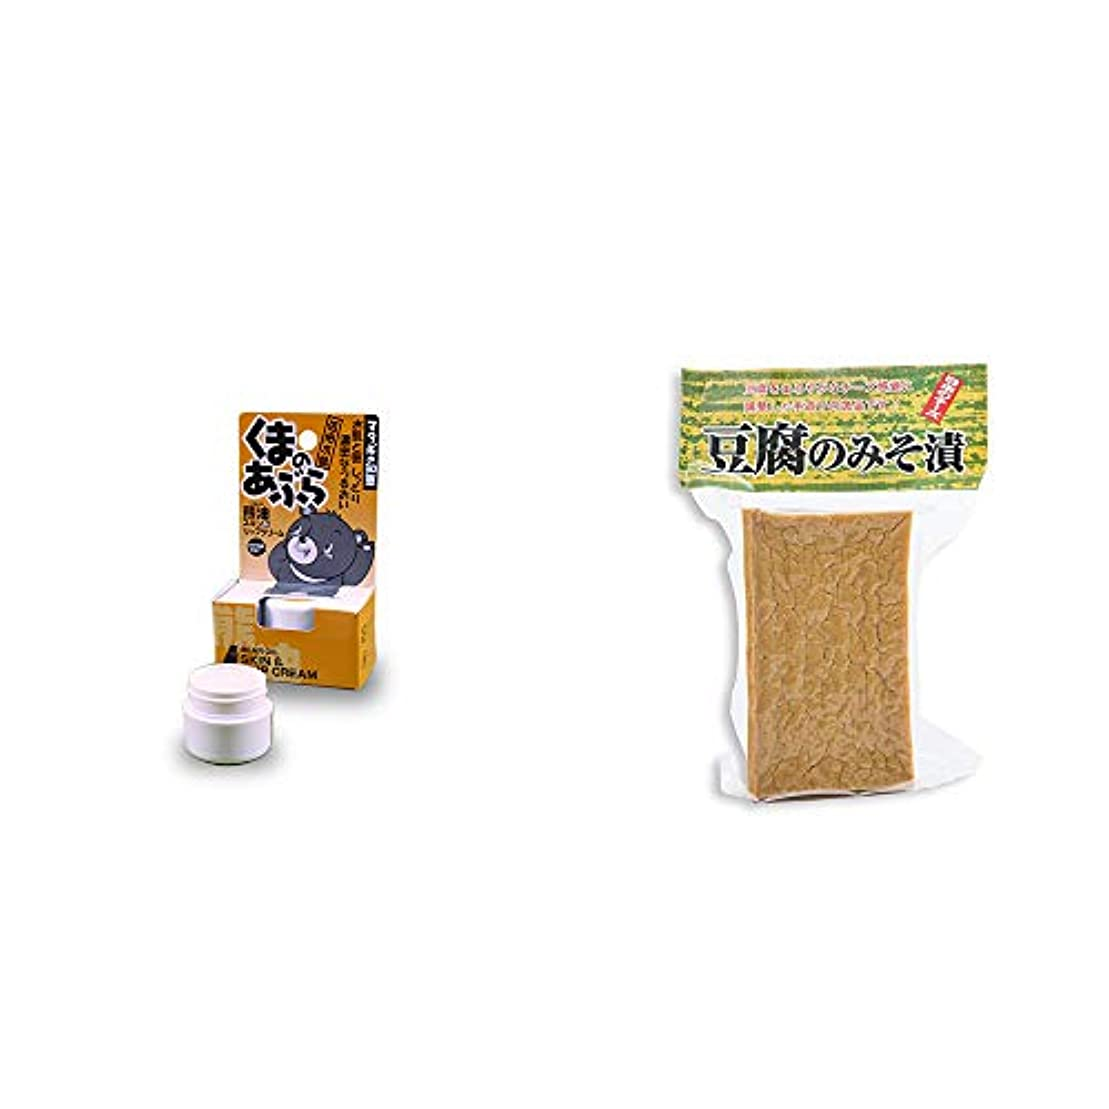 銅有名なロッカー[2点セット] 信州木曽 くまのあぶら 熊油スキン&リップクリーム(9g)?日本のチーズ 豆腐のみそ漬(1個入)